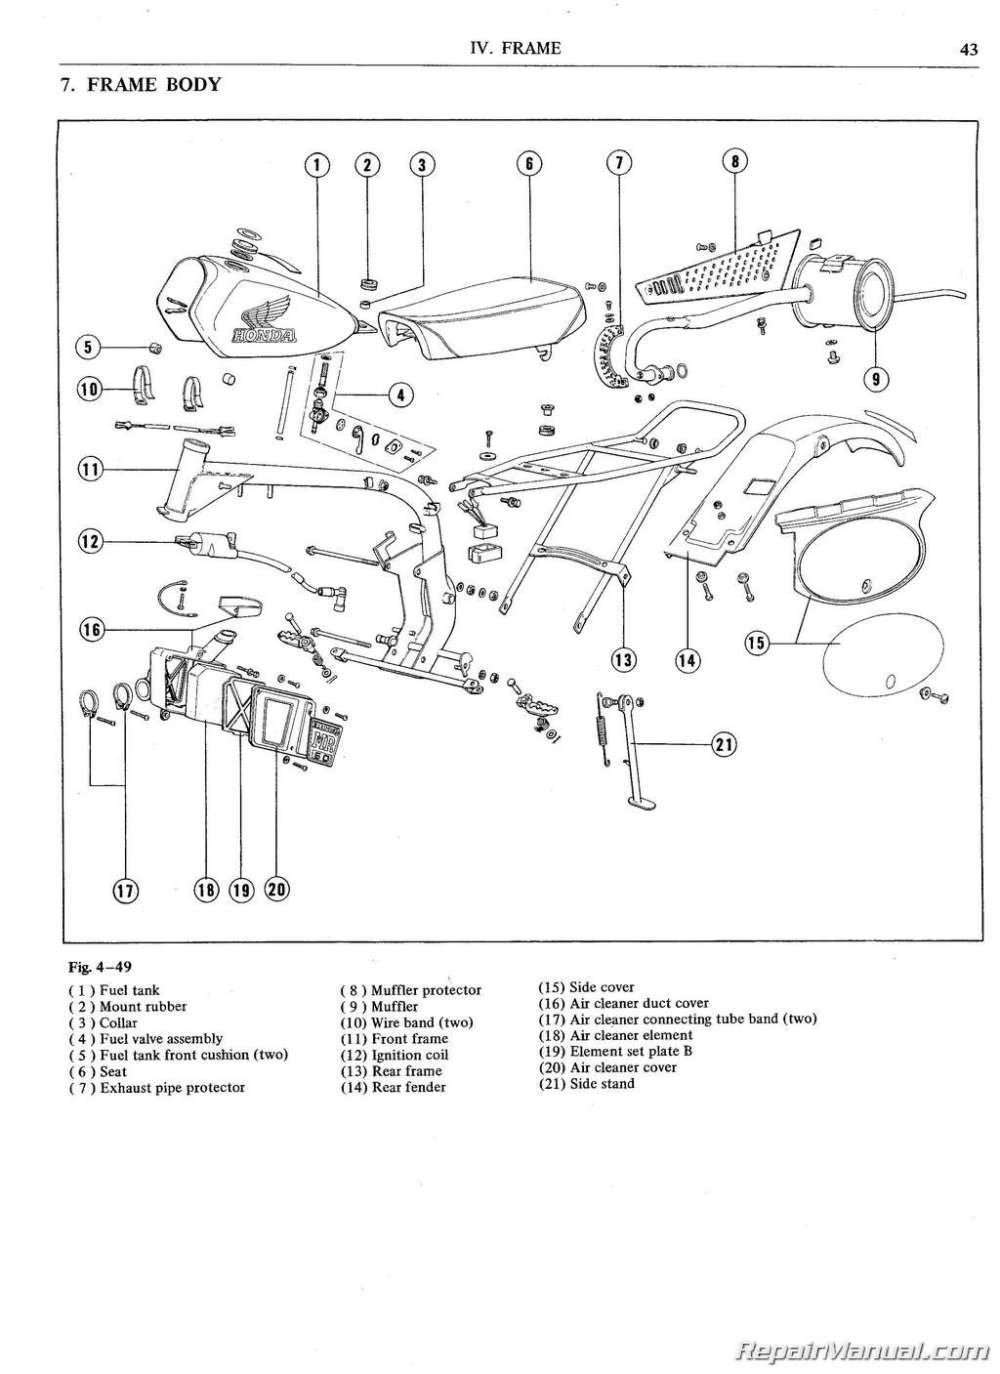 medium resolution of honda mr50 wiring diagram free wiring diagram for you u2022 wiring diagram honda cl360 honda